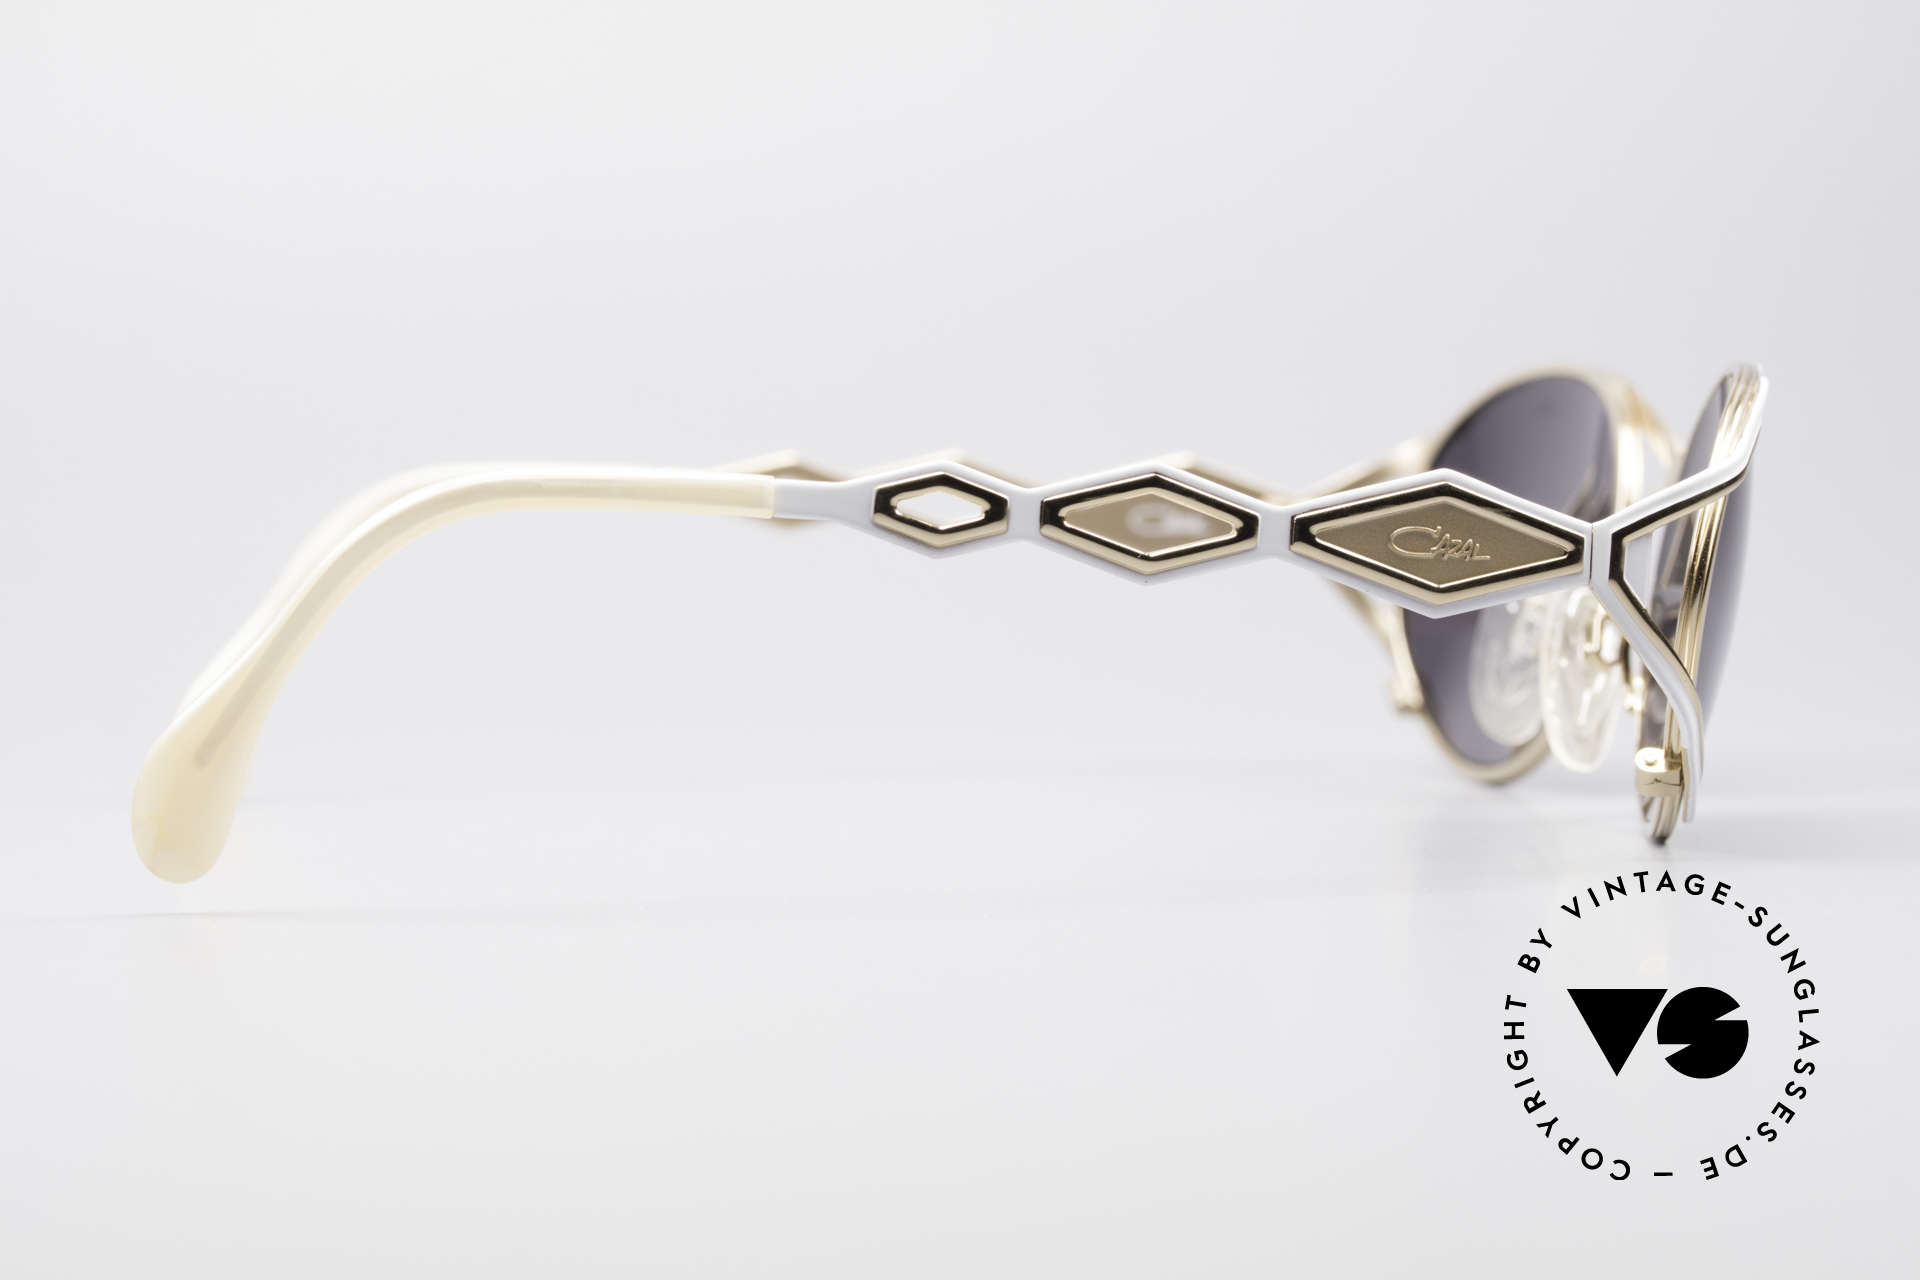 Cazal 977 Designer Sonnenbrille Damen, KEINE Retrobrille; eine echte alte Cazal Rarität!, Passend für Damen